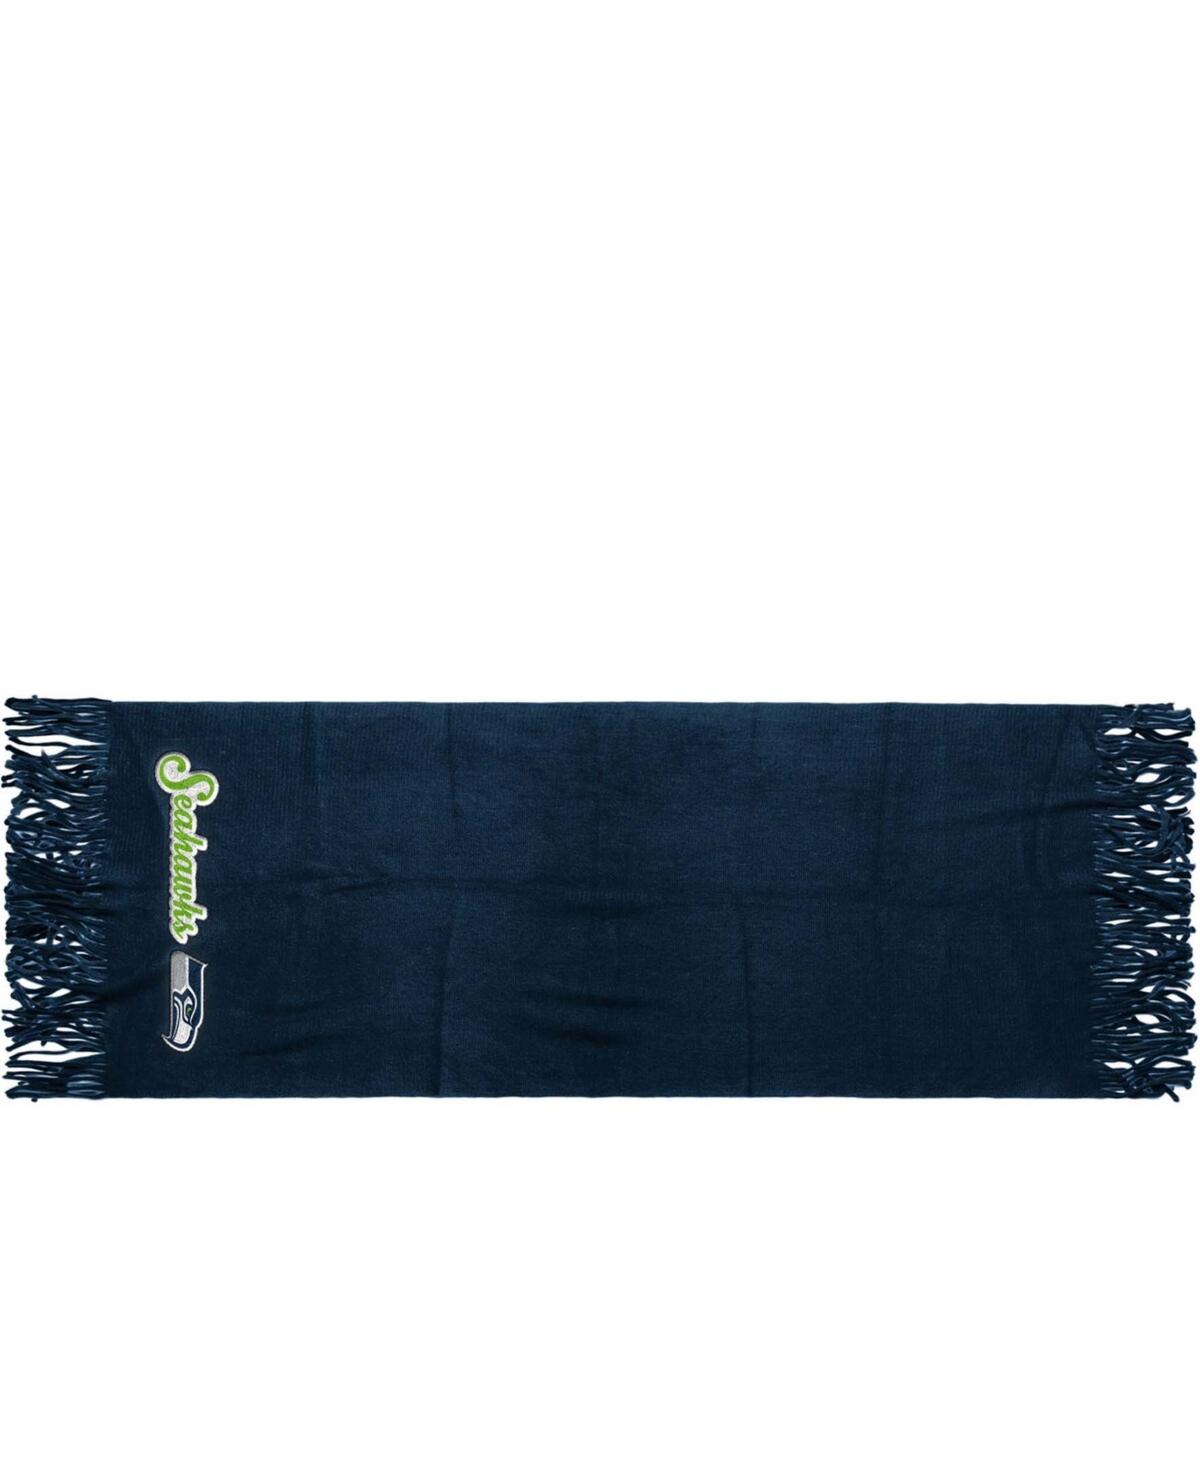 Seattle Seahawks 81 x 27 Oversized Fringed Scarf